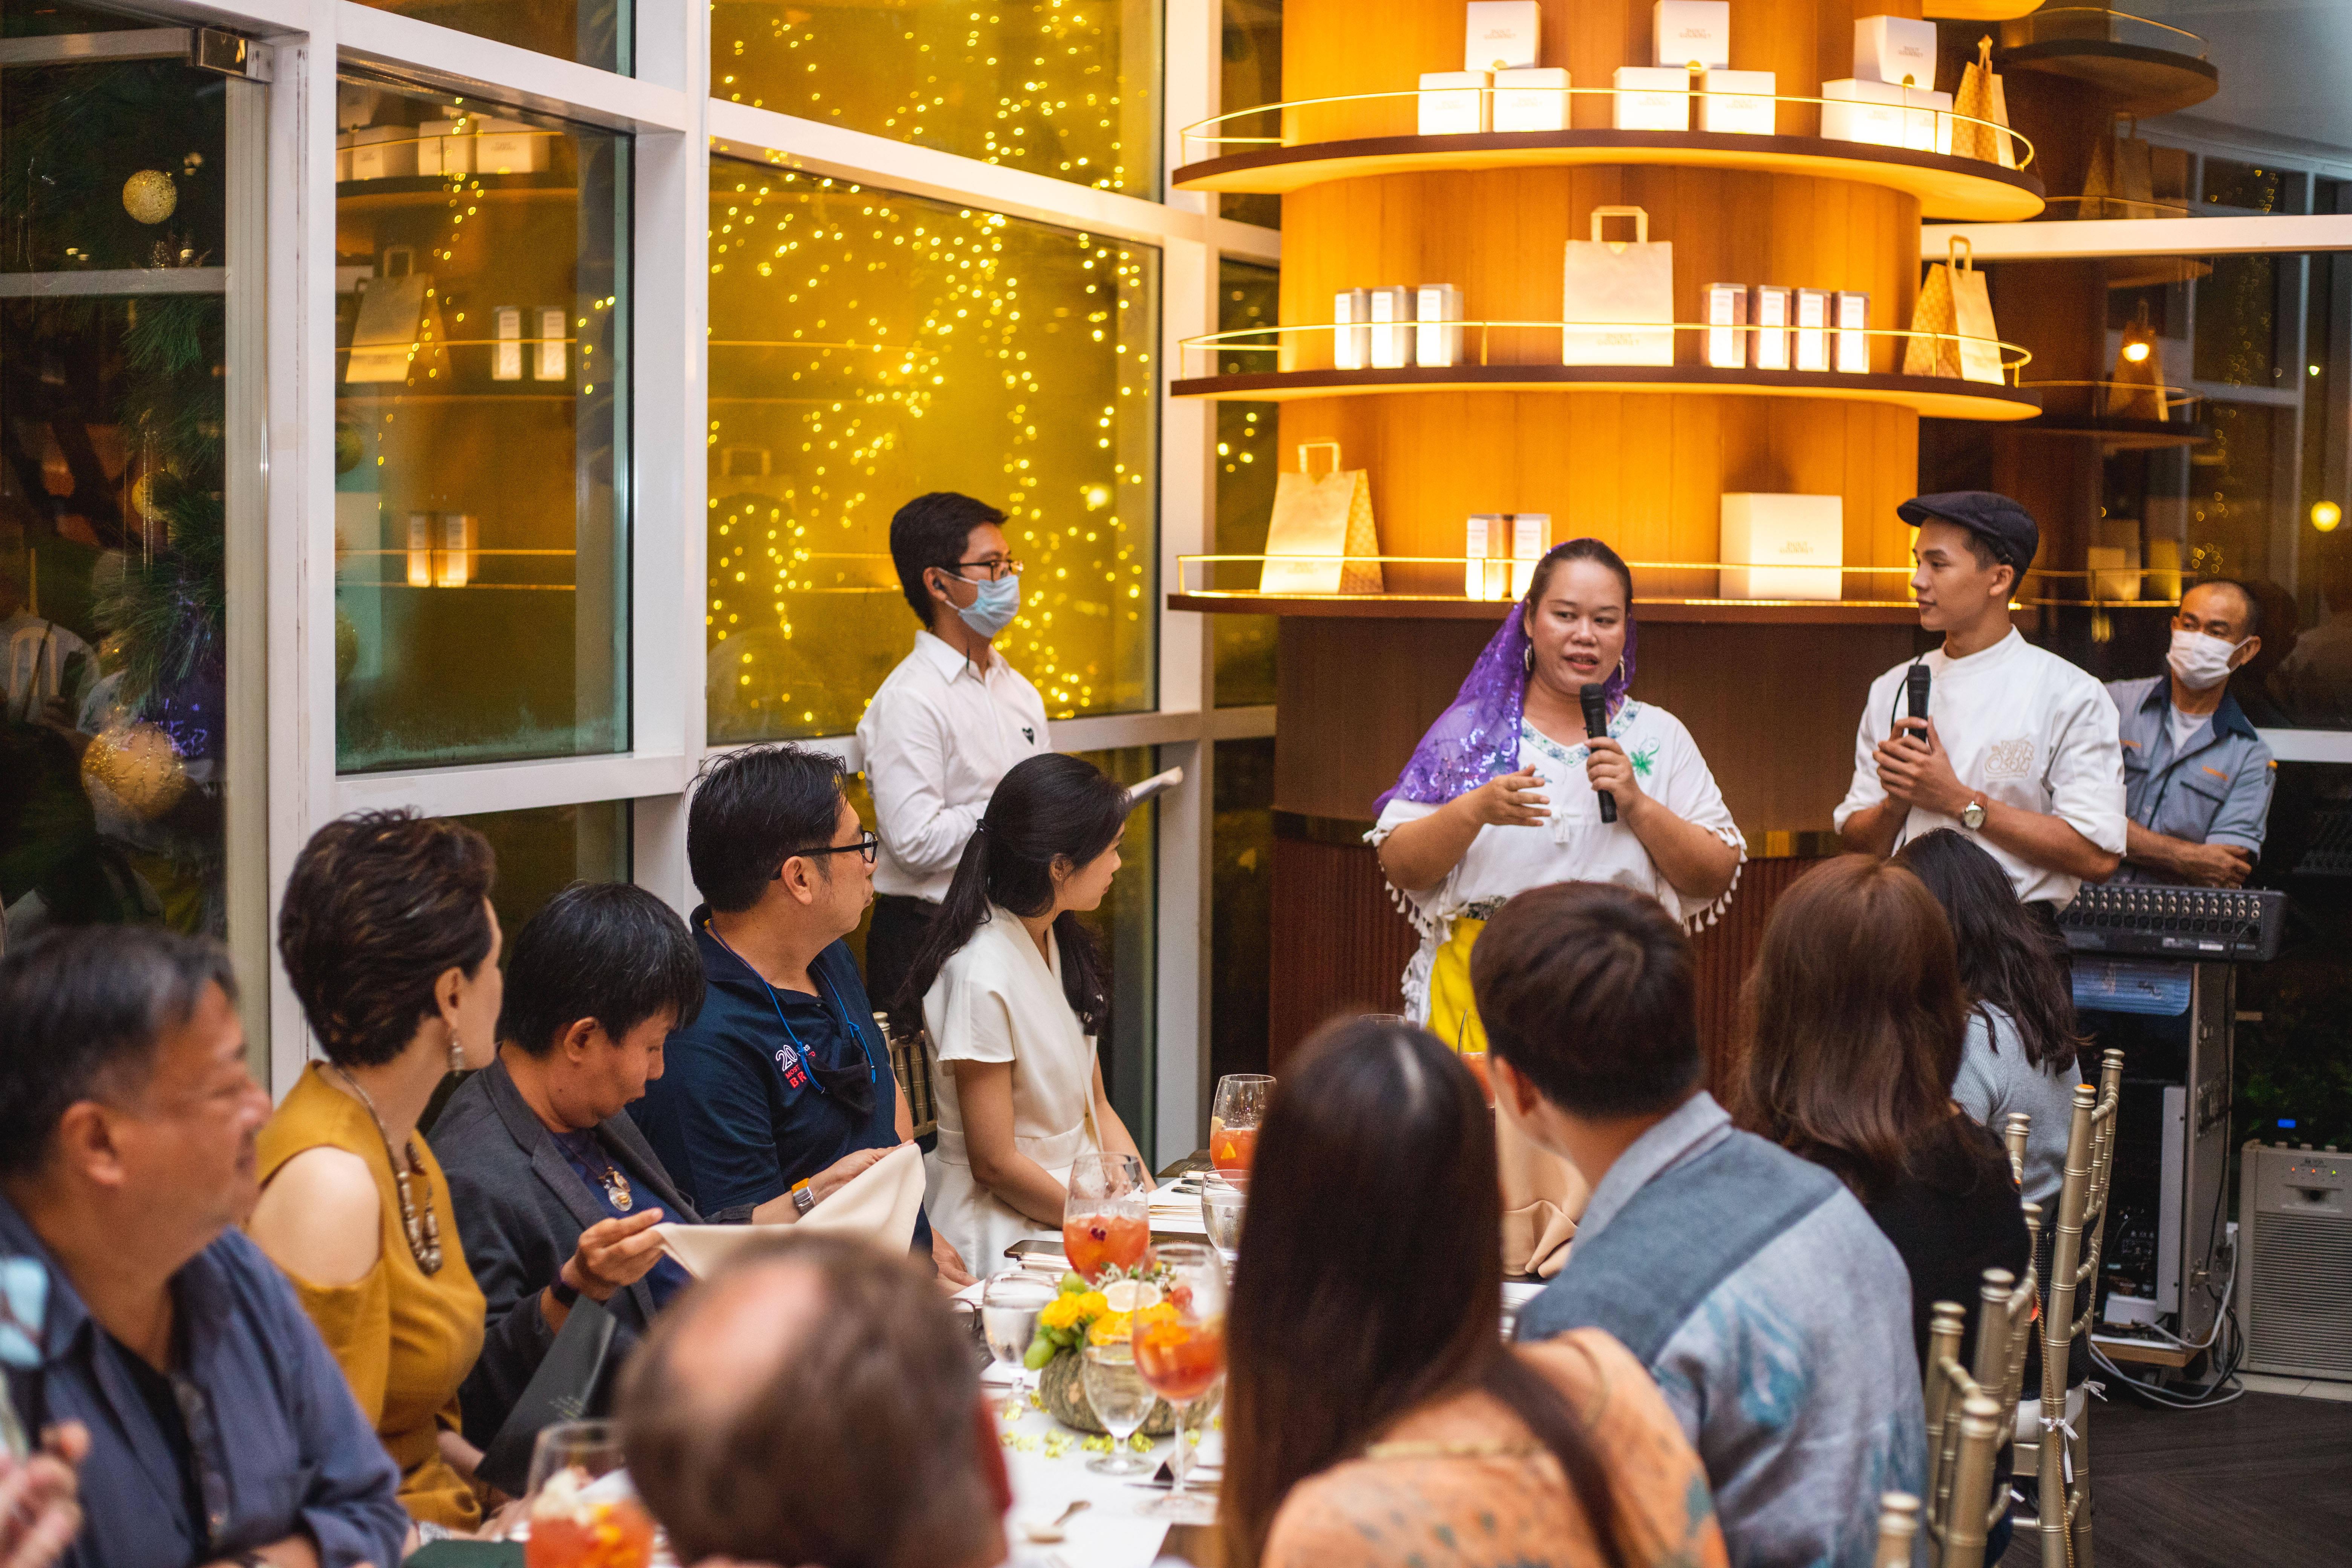 """通讯:做好国内游""""小蛋糕"""" 建立多元生活基地——泰国酒店业另辟蹊径建立后疫情时代新"""